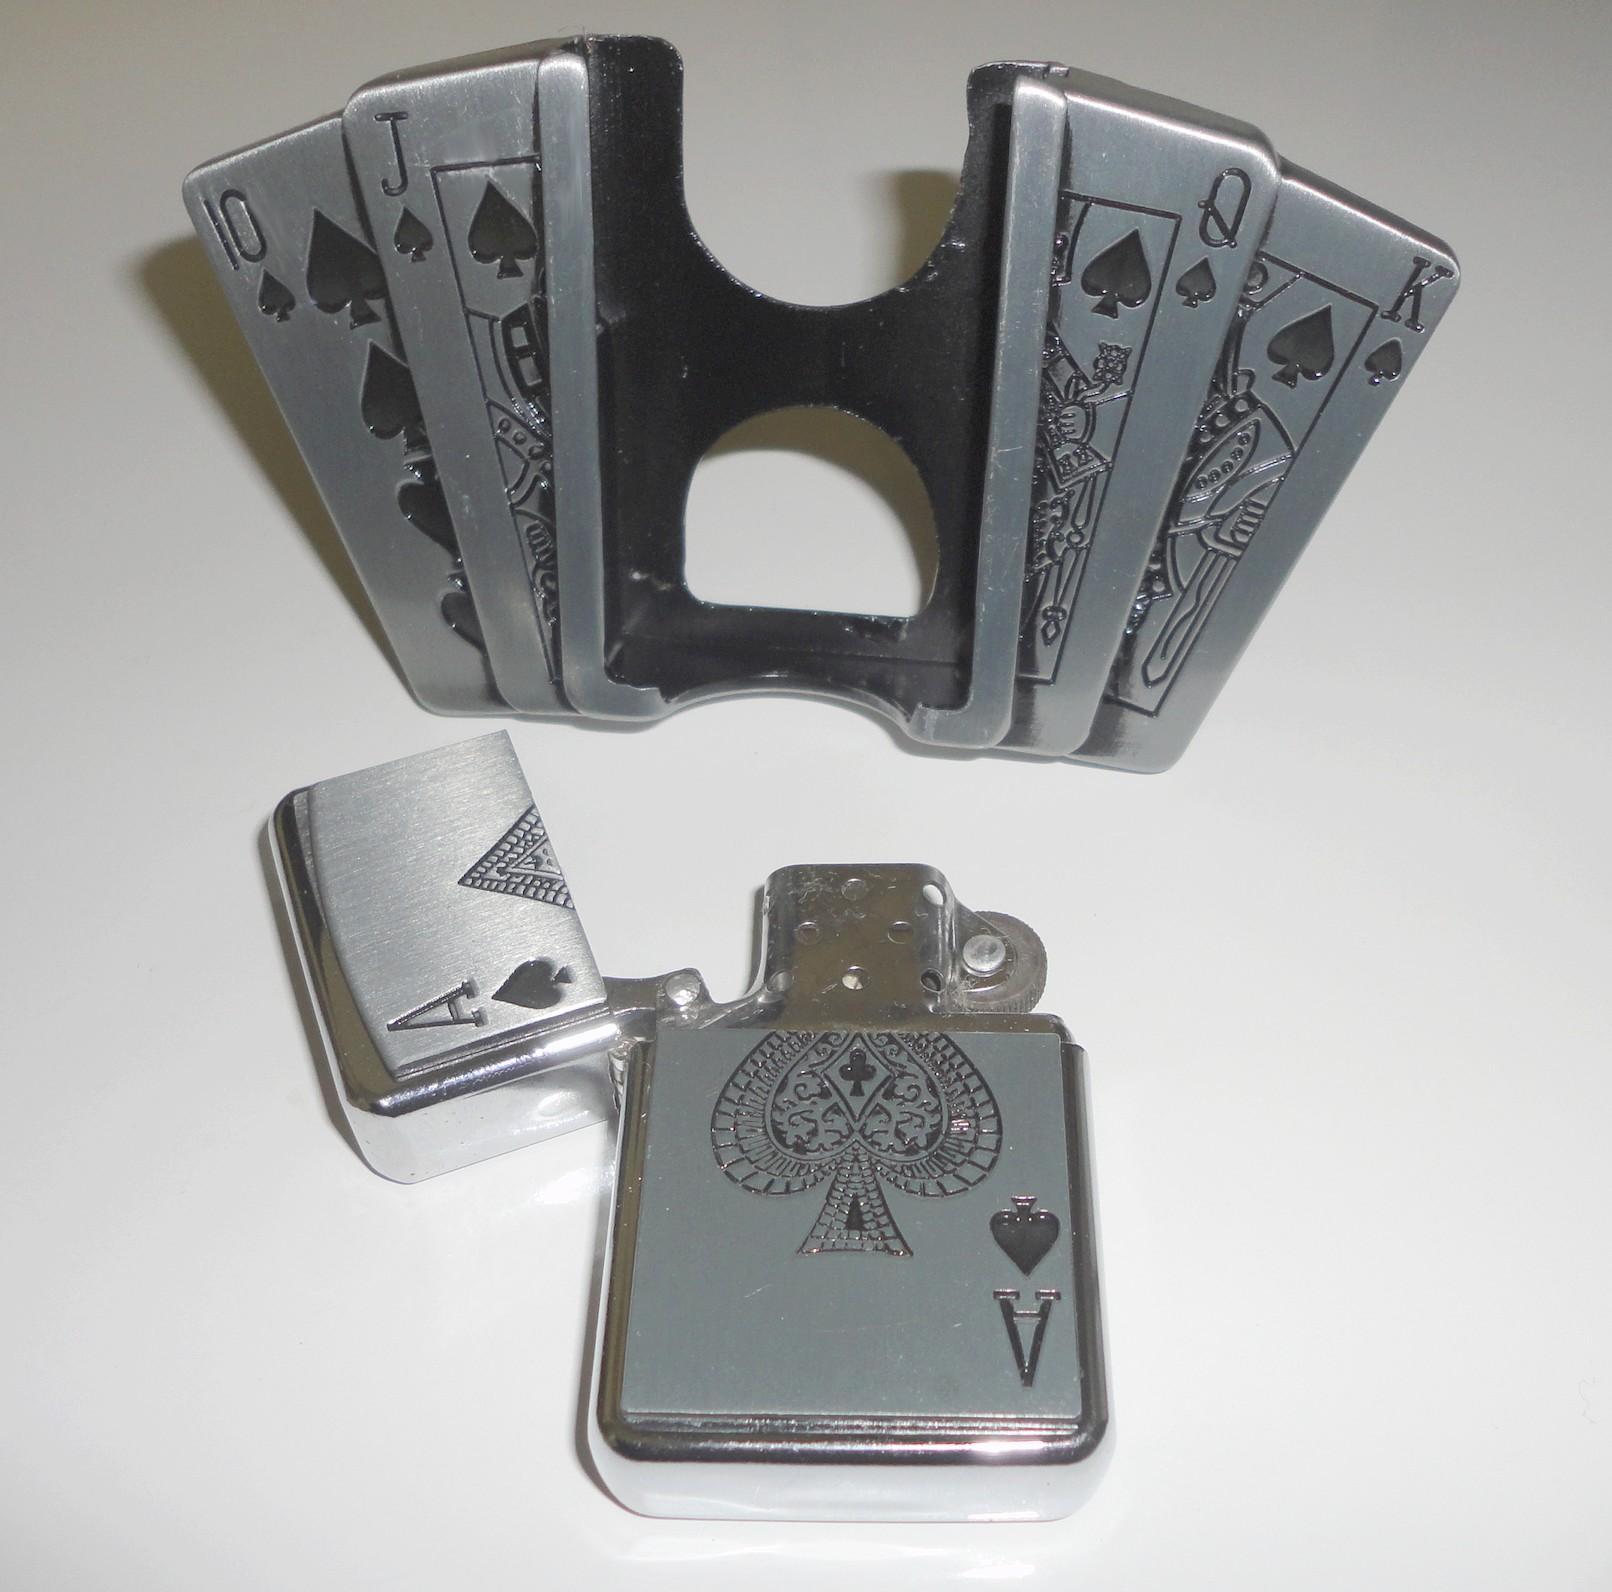 ... Boucle de ceinture porte-briquet - Poker addict ... 32e24036774